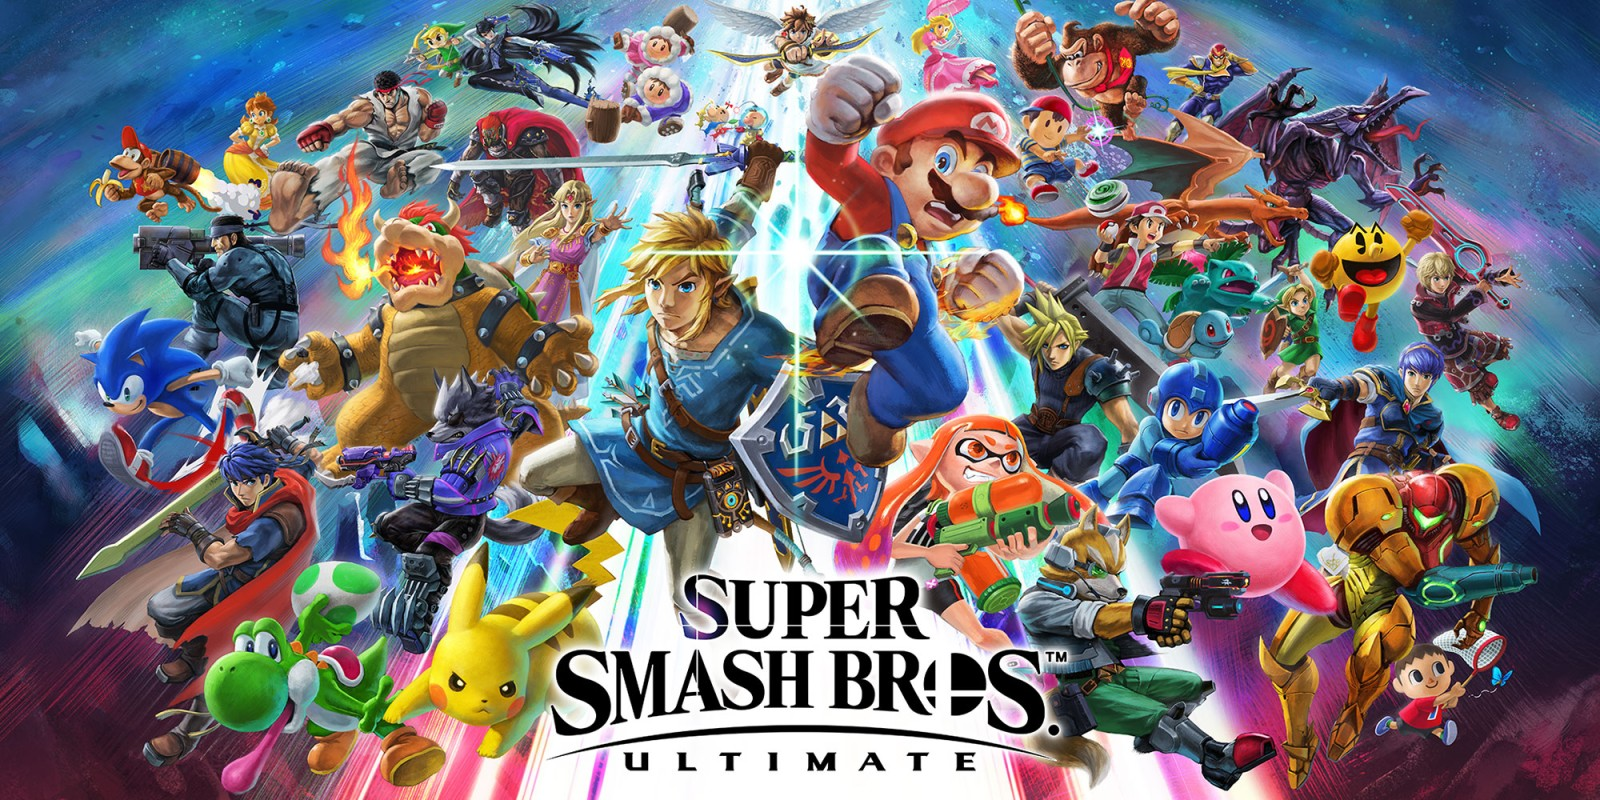 Imminente l'arrivo della versione 2.0.2 di Super Smash Bros. Ultimate